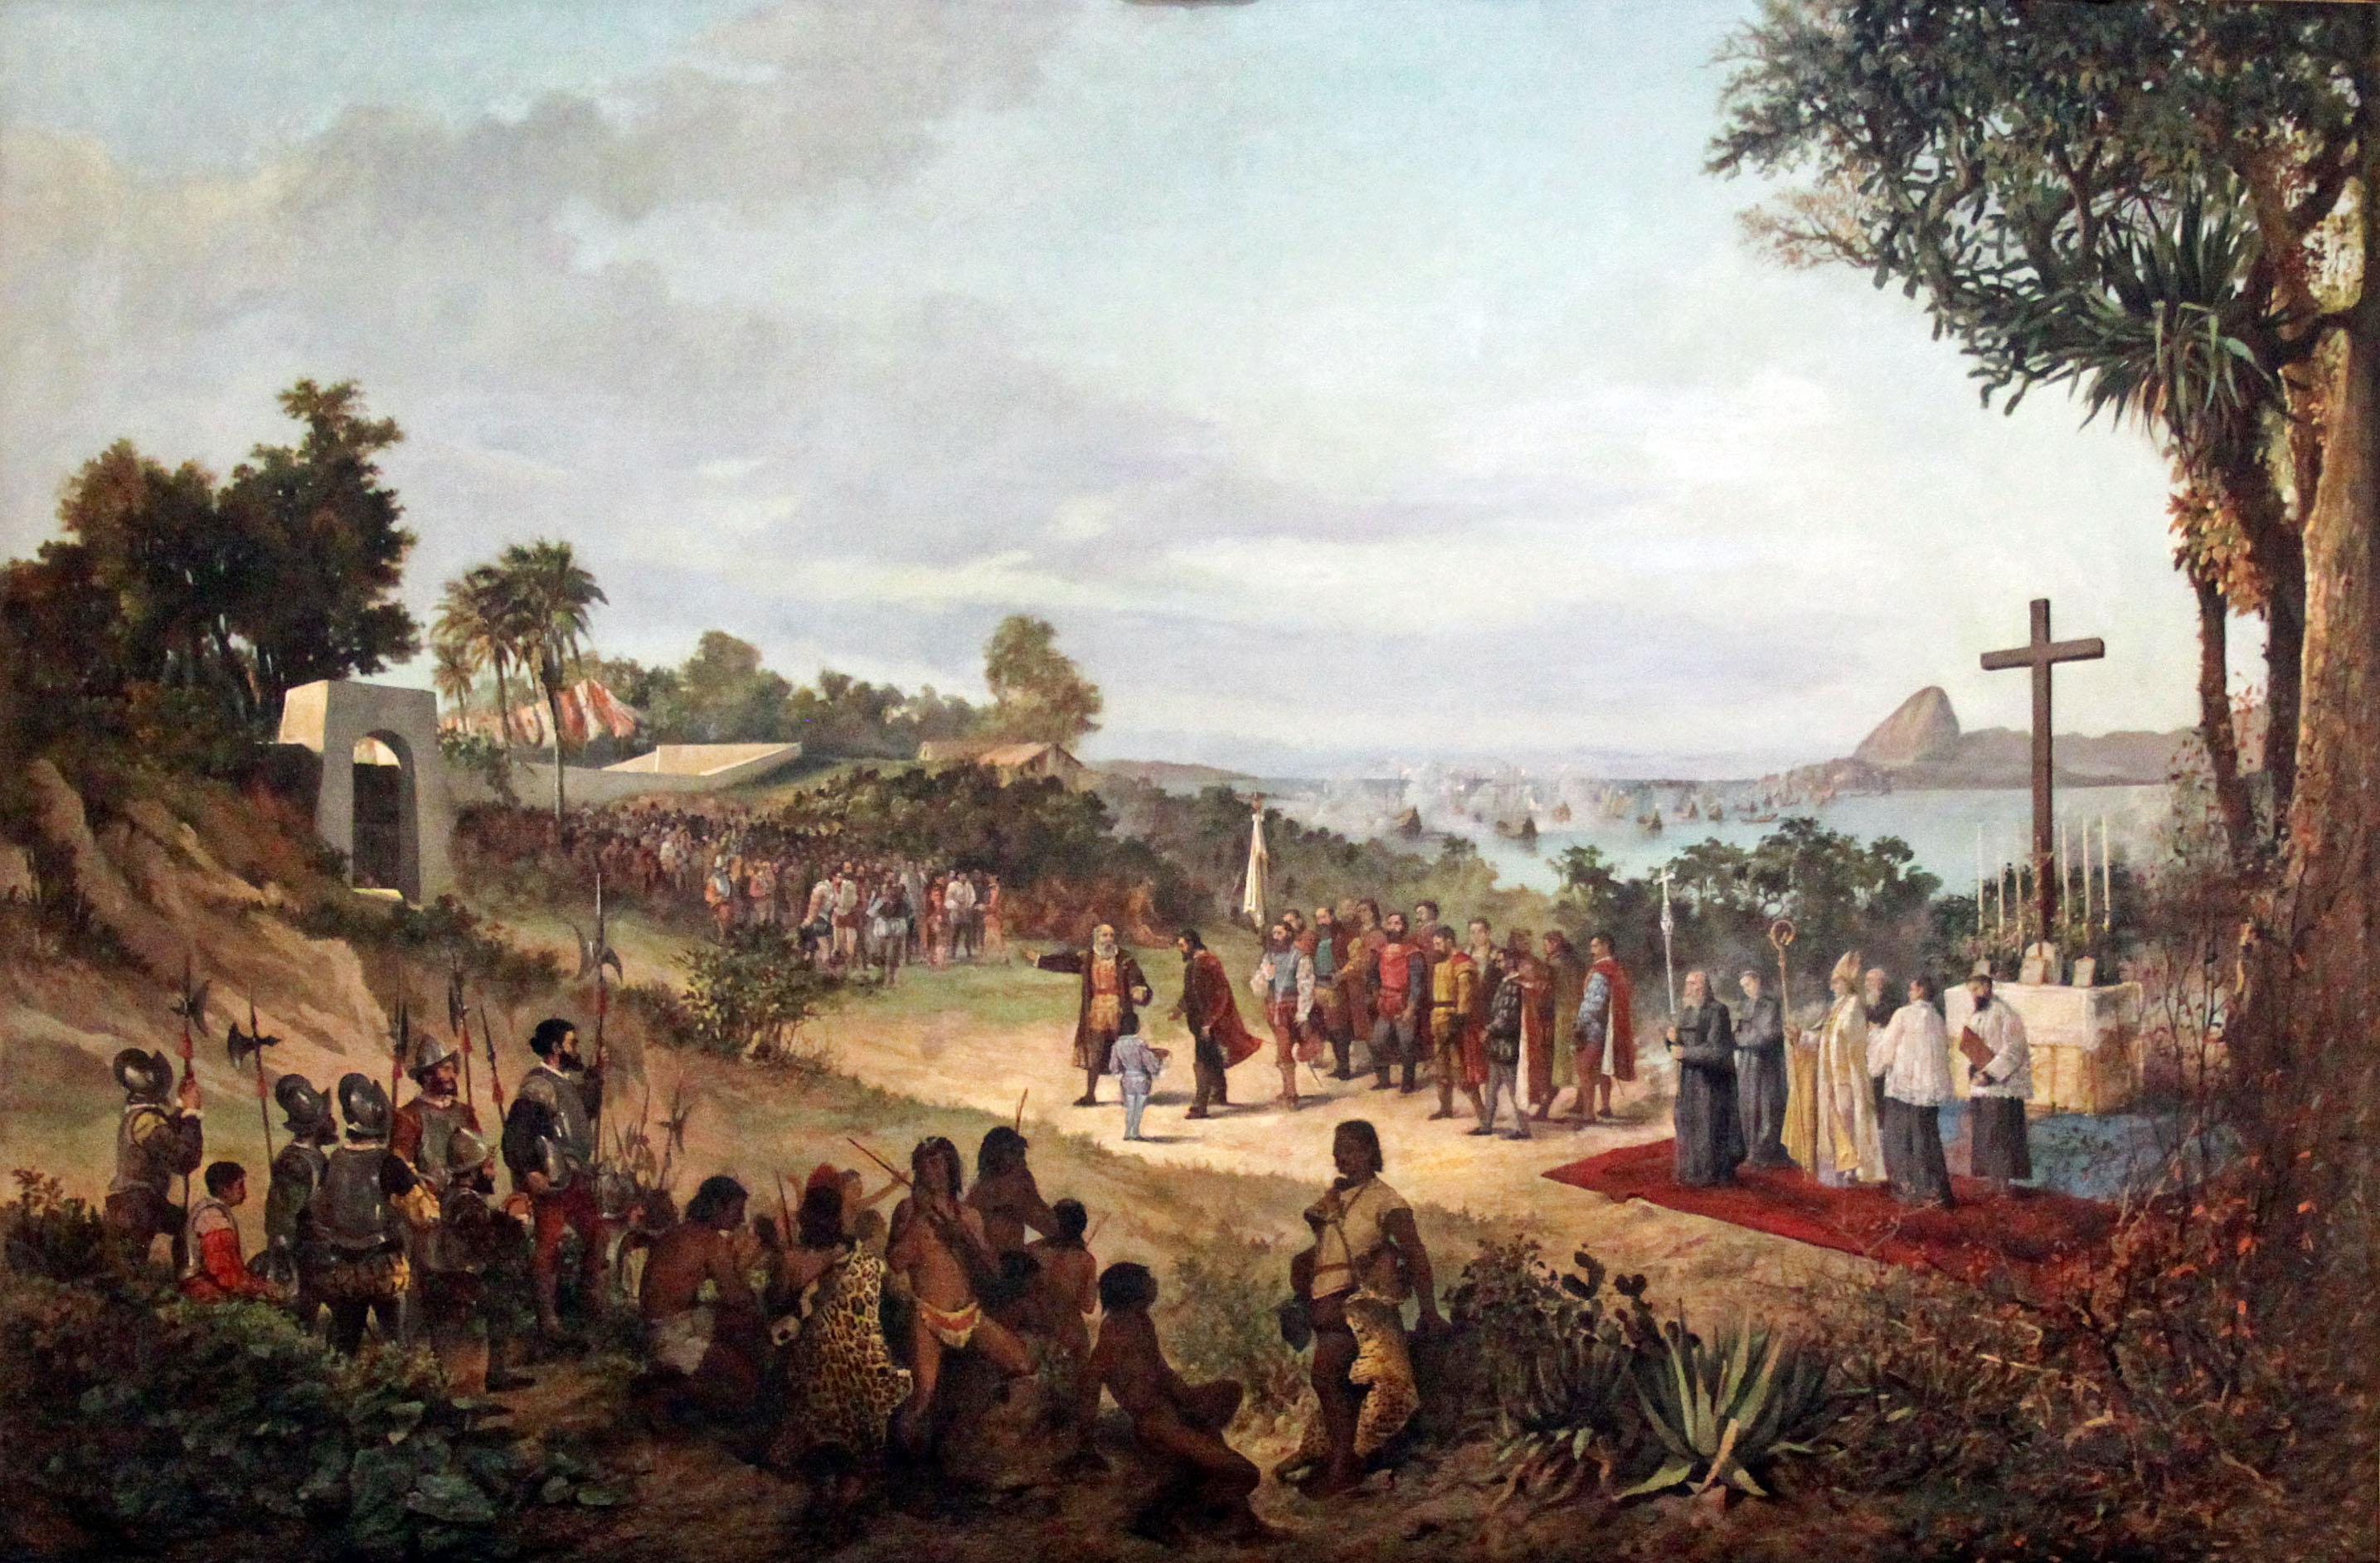 Fundação da Cidade do Rio de Janeiro. Mem de Sá entrega as chaves da cidade ao alcaide. Quadro de Antonio Firmino Monteiro (1855-1888).